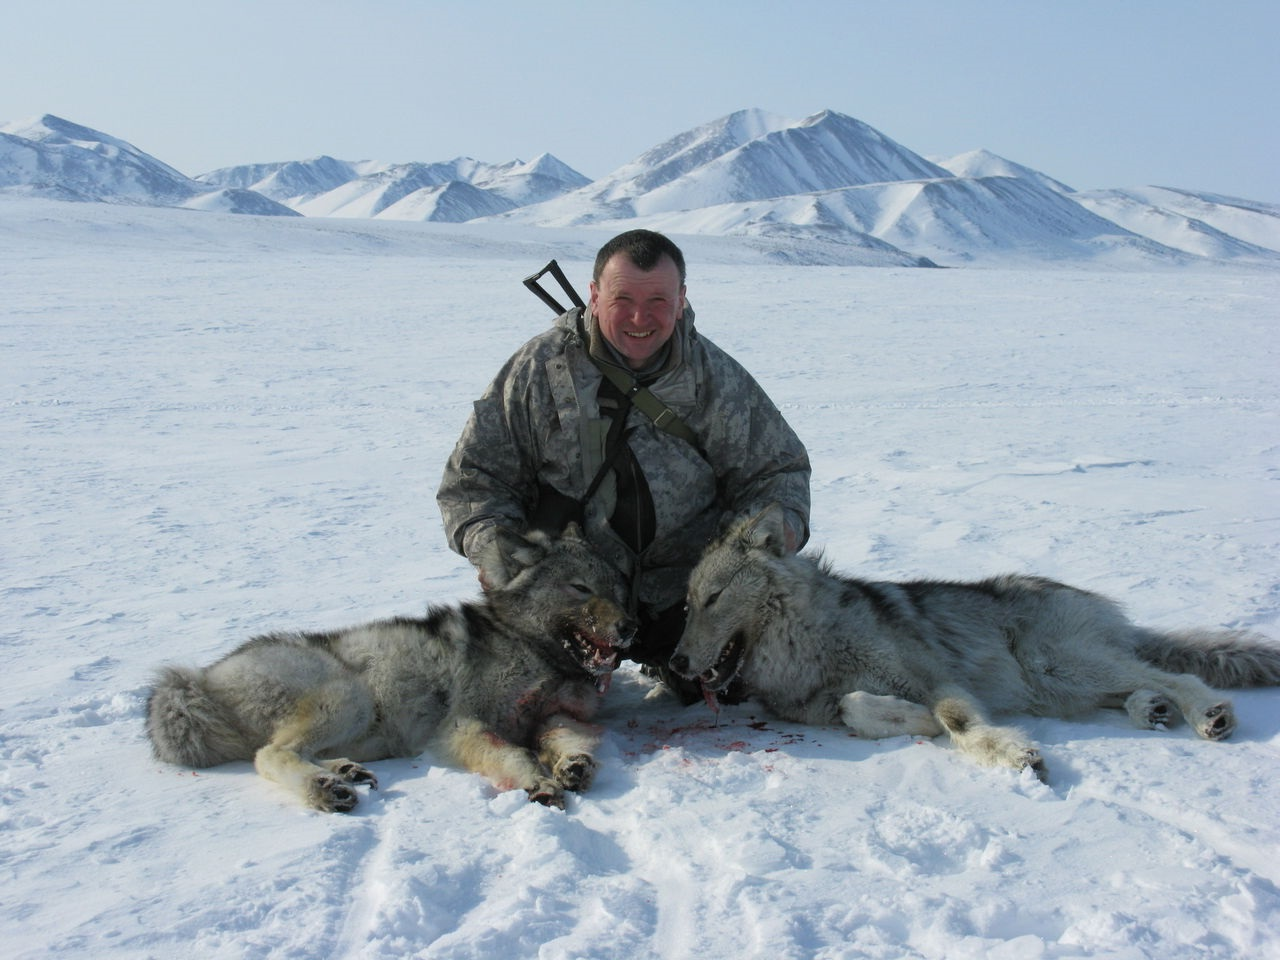 Охота на гуся - Охота и рыбалка в России и за рубежом